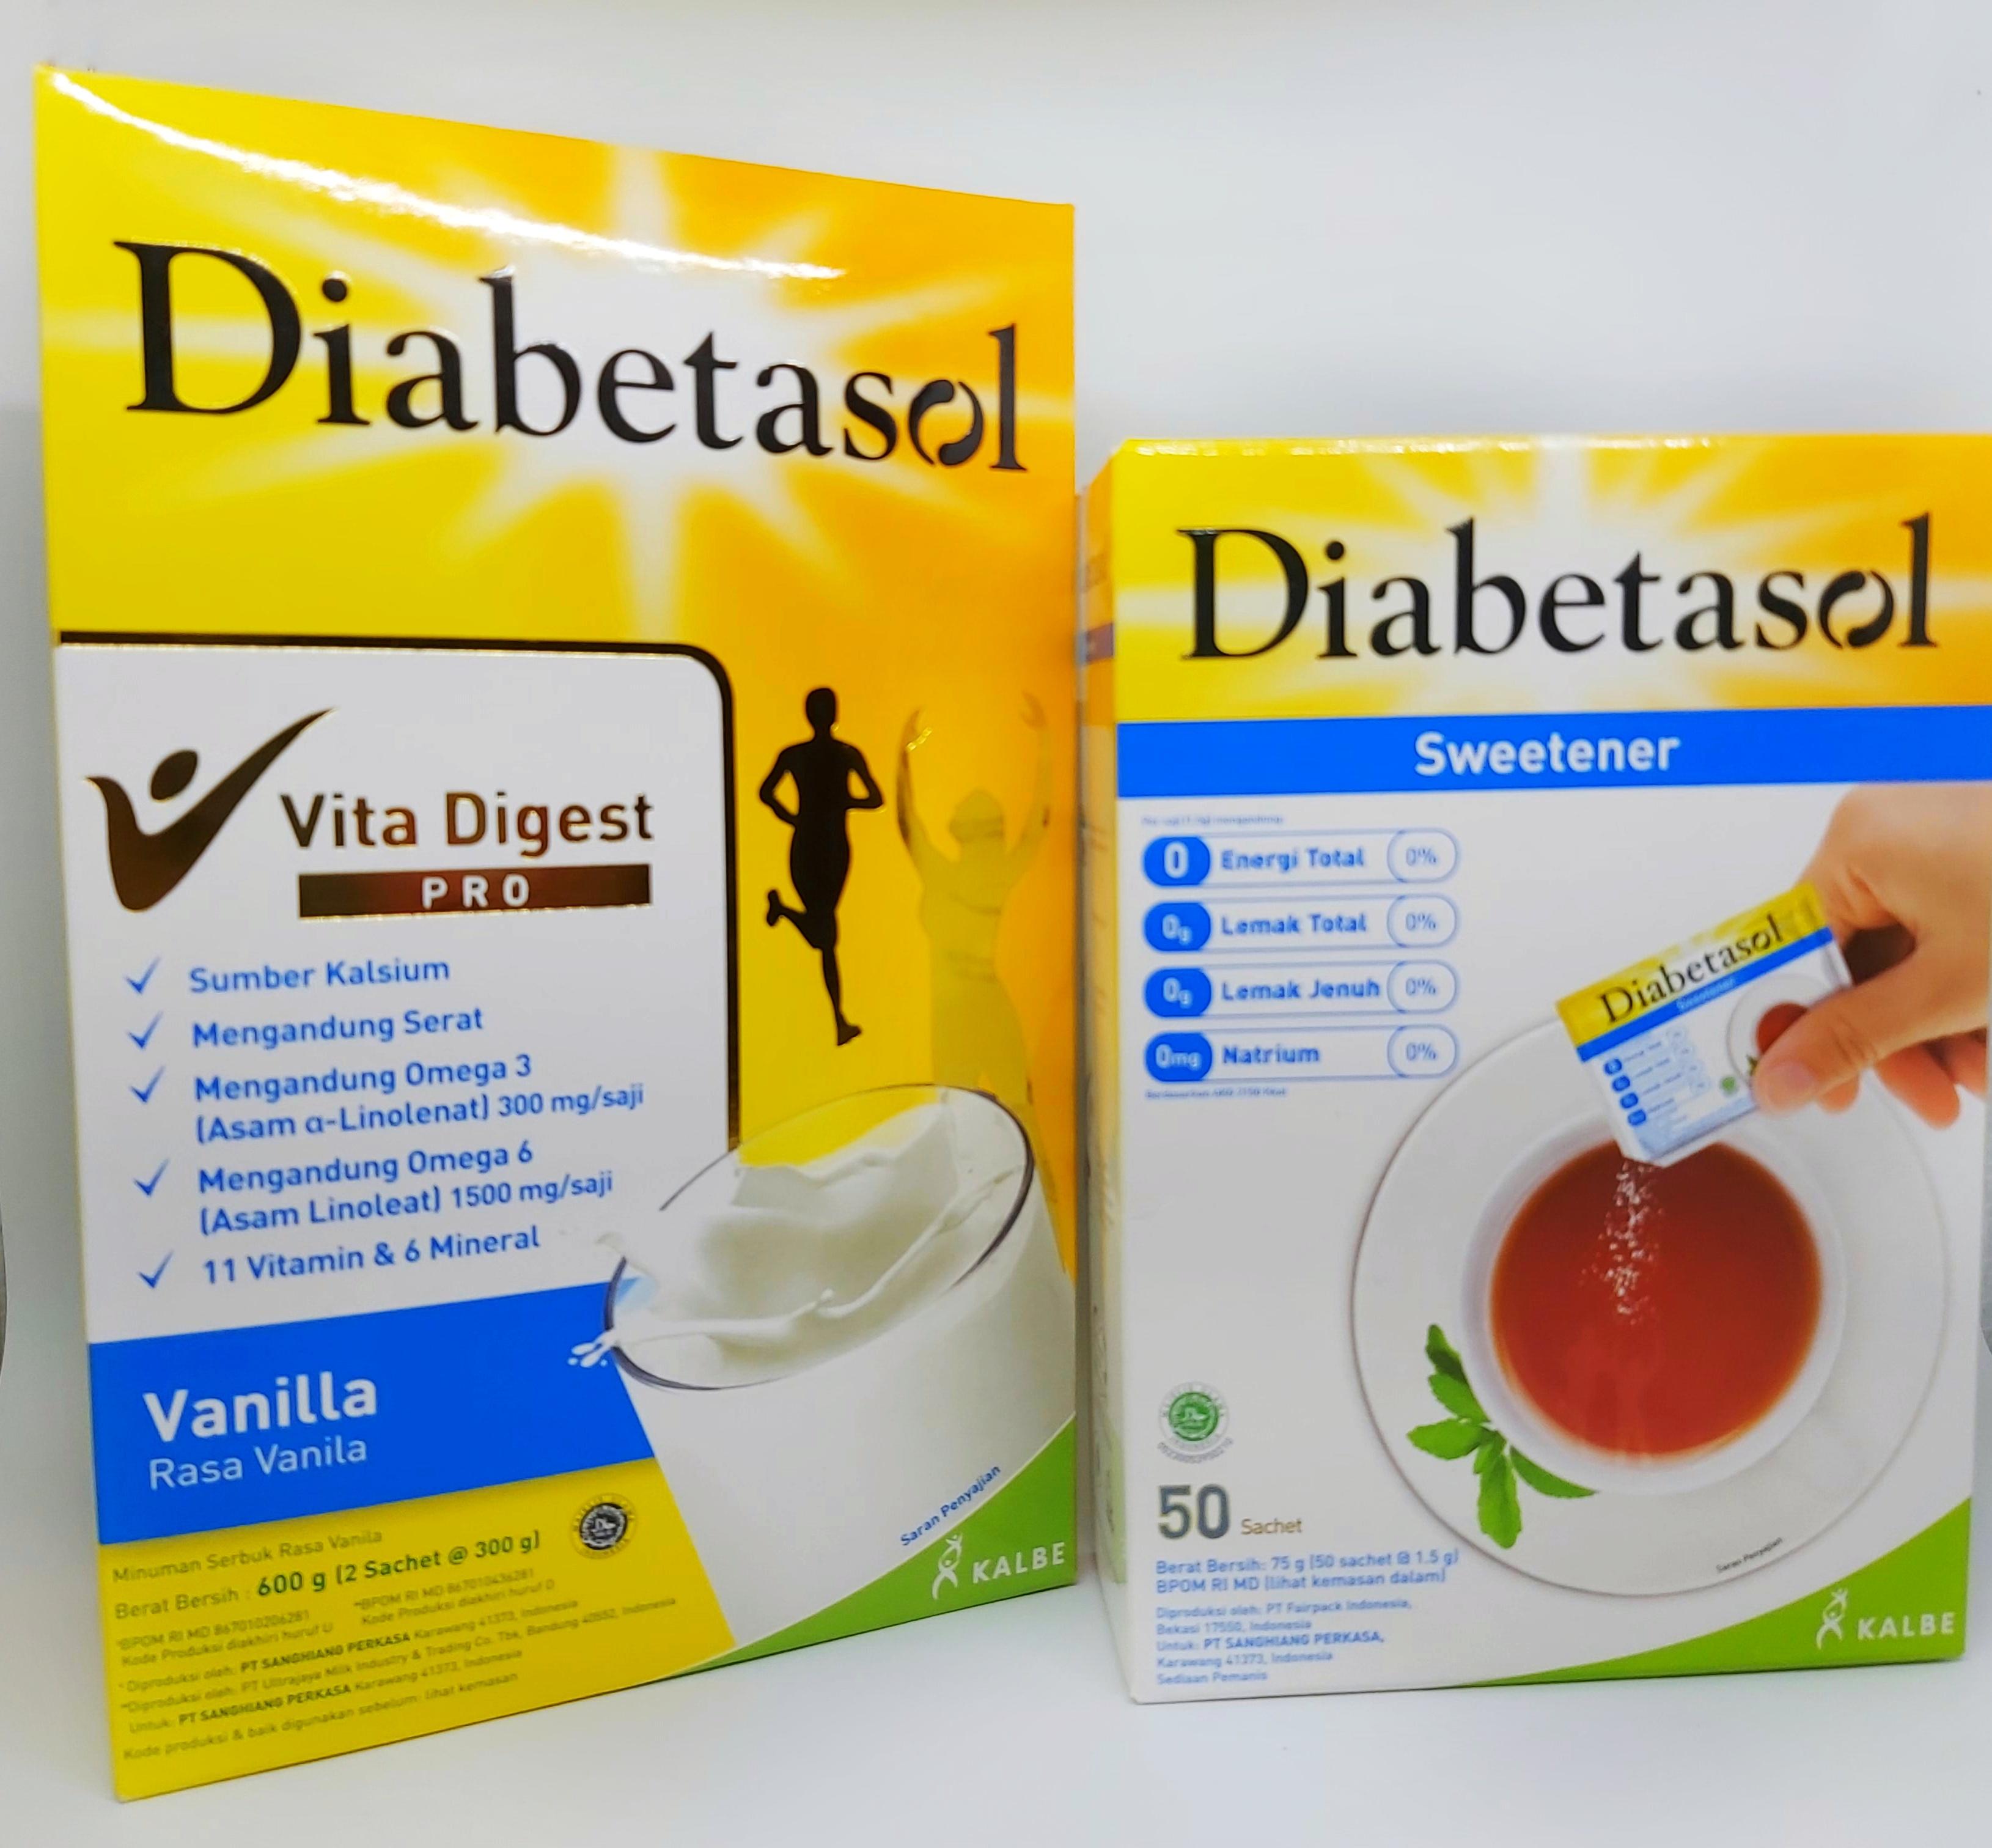 Diabetasol Nutrisi untuk diabetes